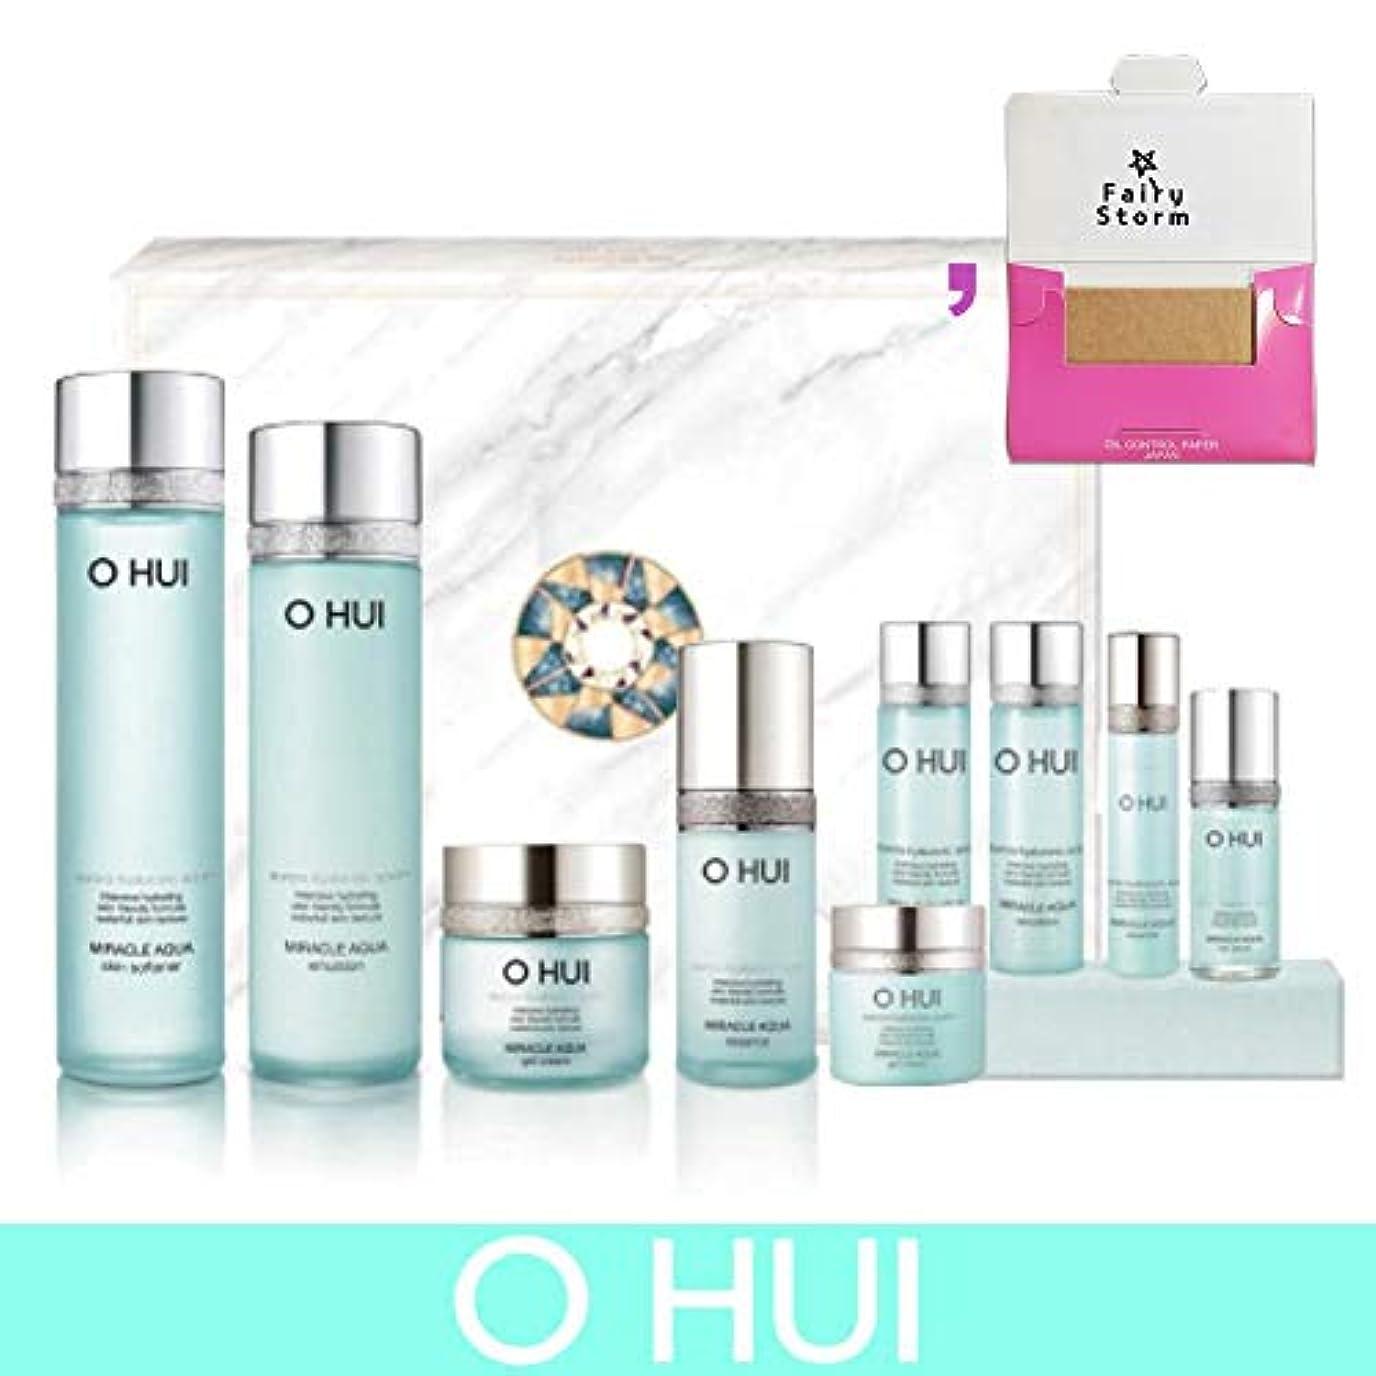 割り当て想像力豊かな革新[オフィ/O HUI]韓国化粧品 LG生活健康/O HUI MIRACLE AQUA SPECIAL 4EA SET/ミラクル アクア 4種セット + [Sample Gift](海外直送品)